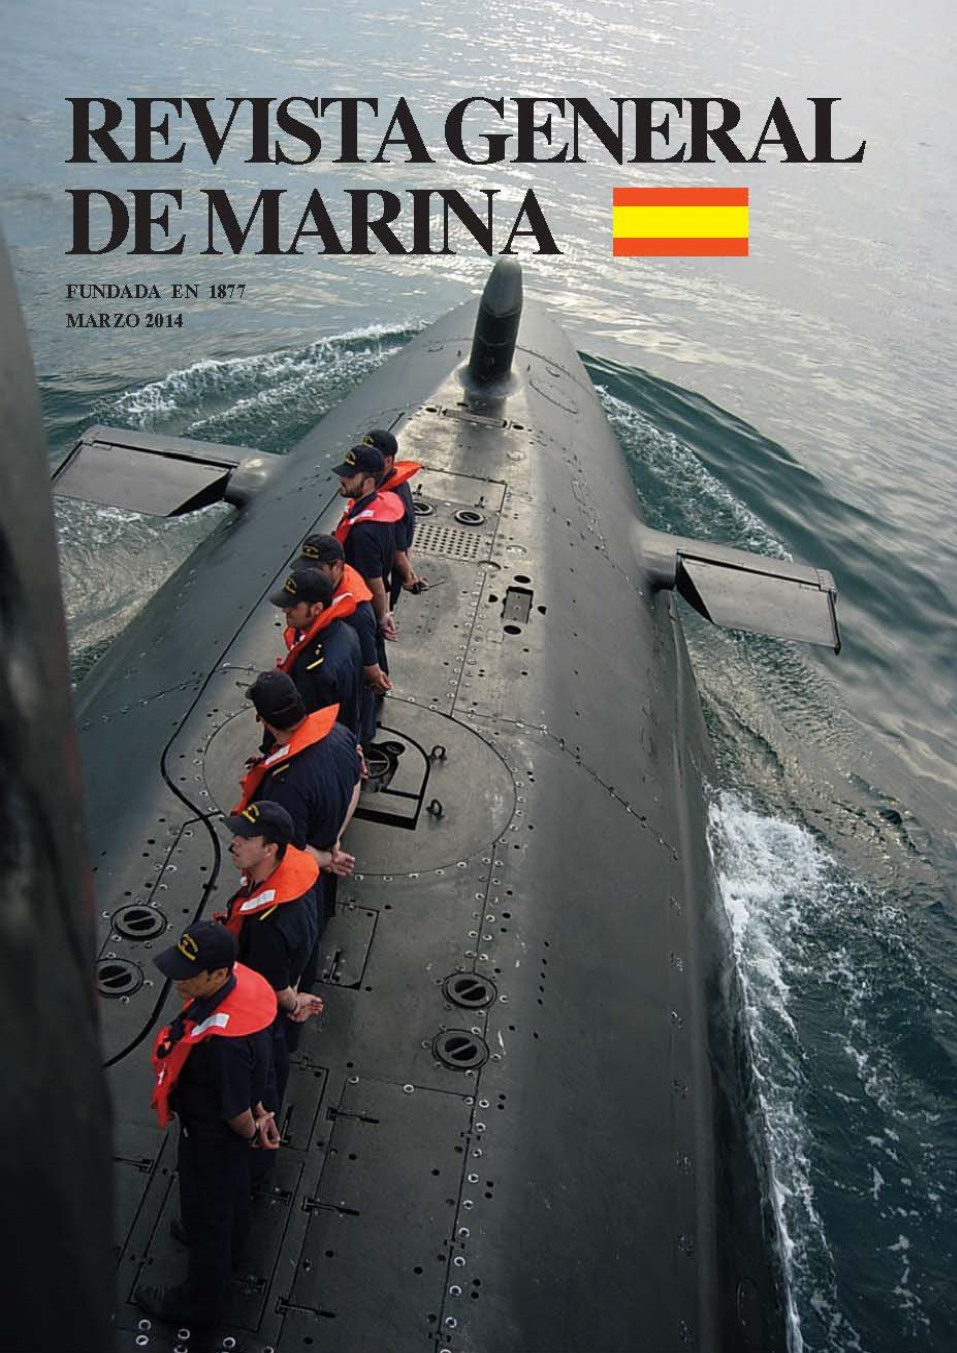 Revista General de Marina Marzo 2014